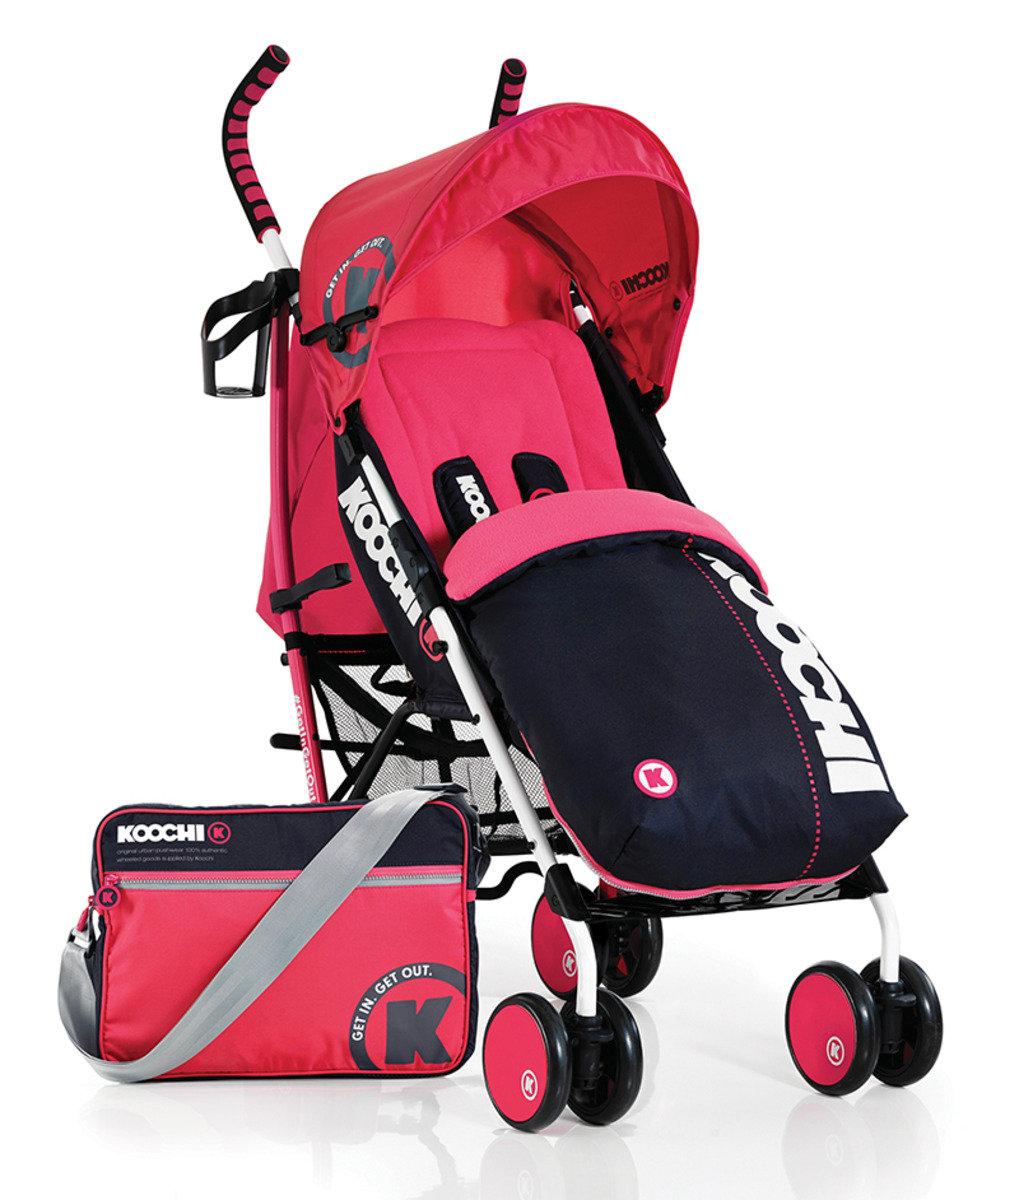 英國 Koochi Speedstar 嬰兒手推車 - Mix Magenta